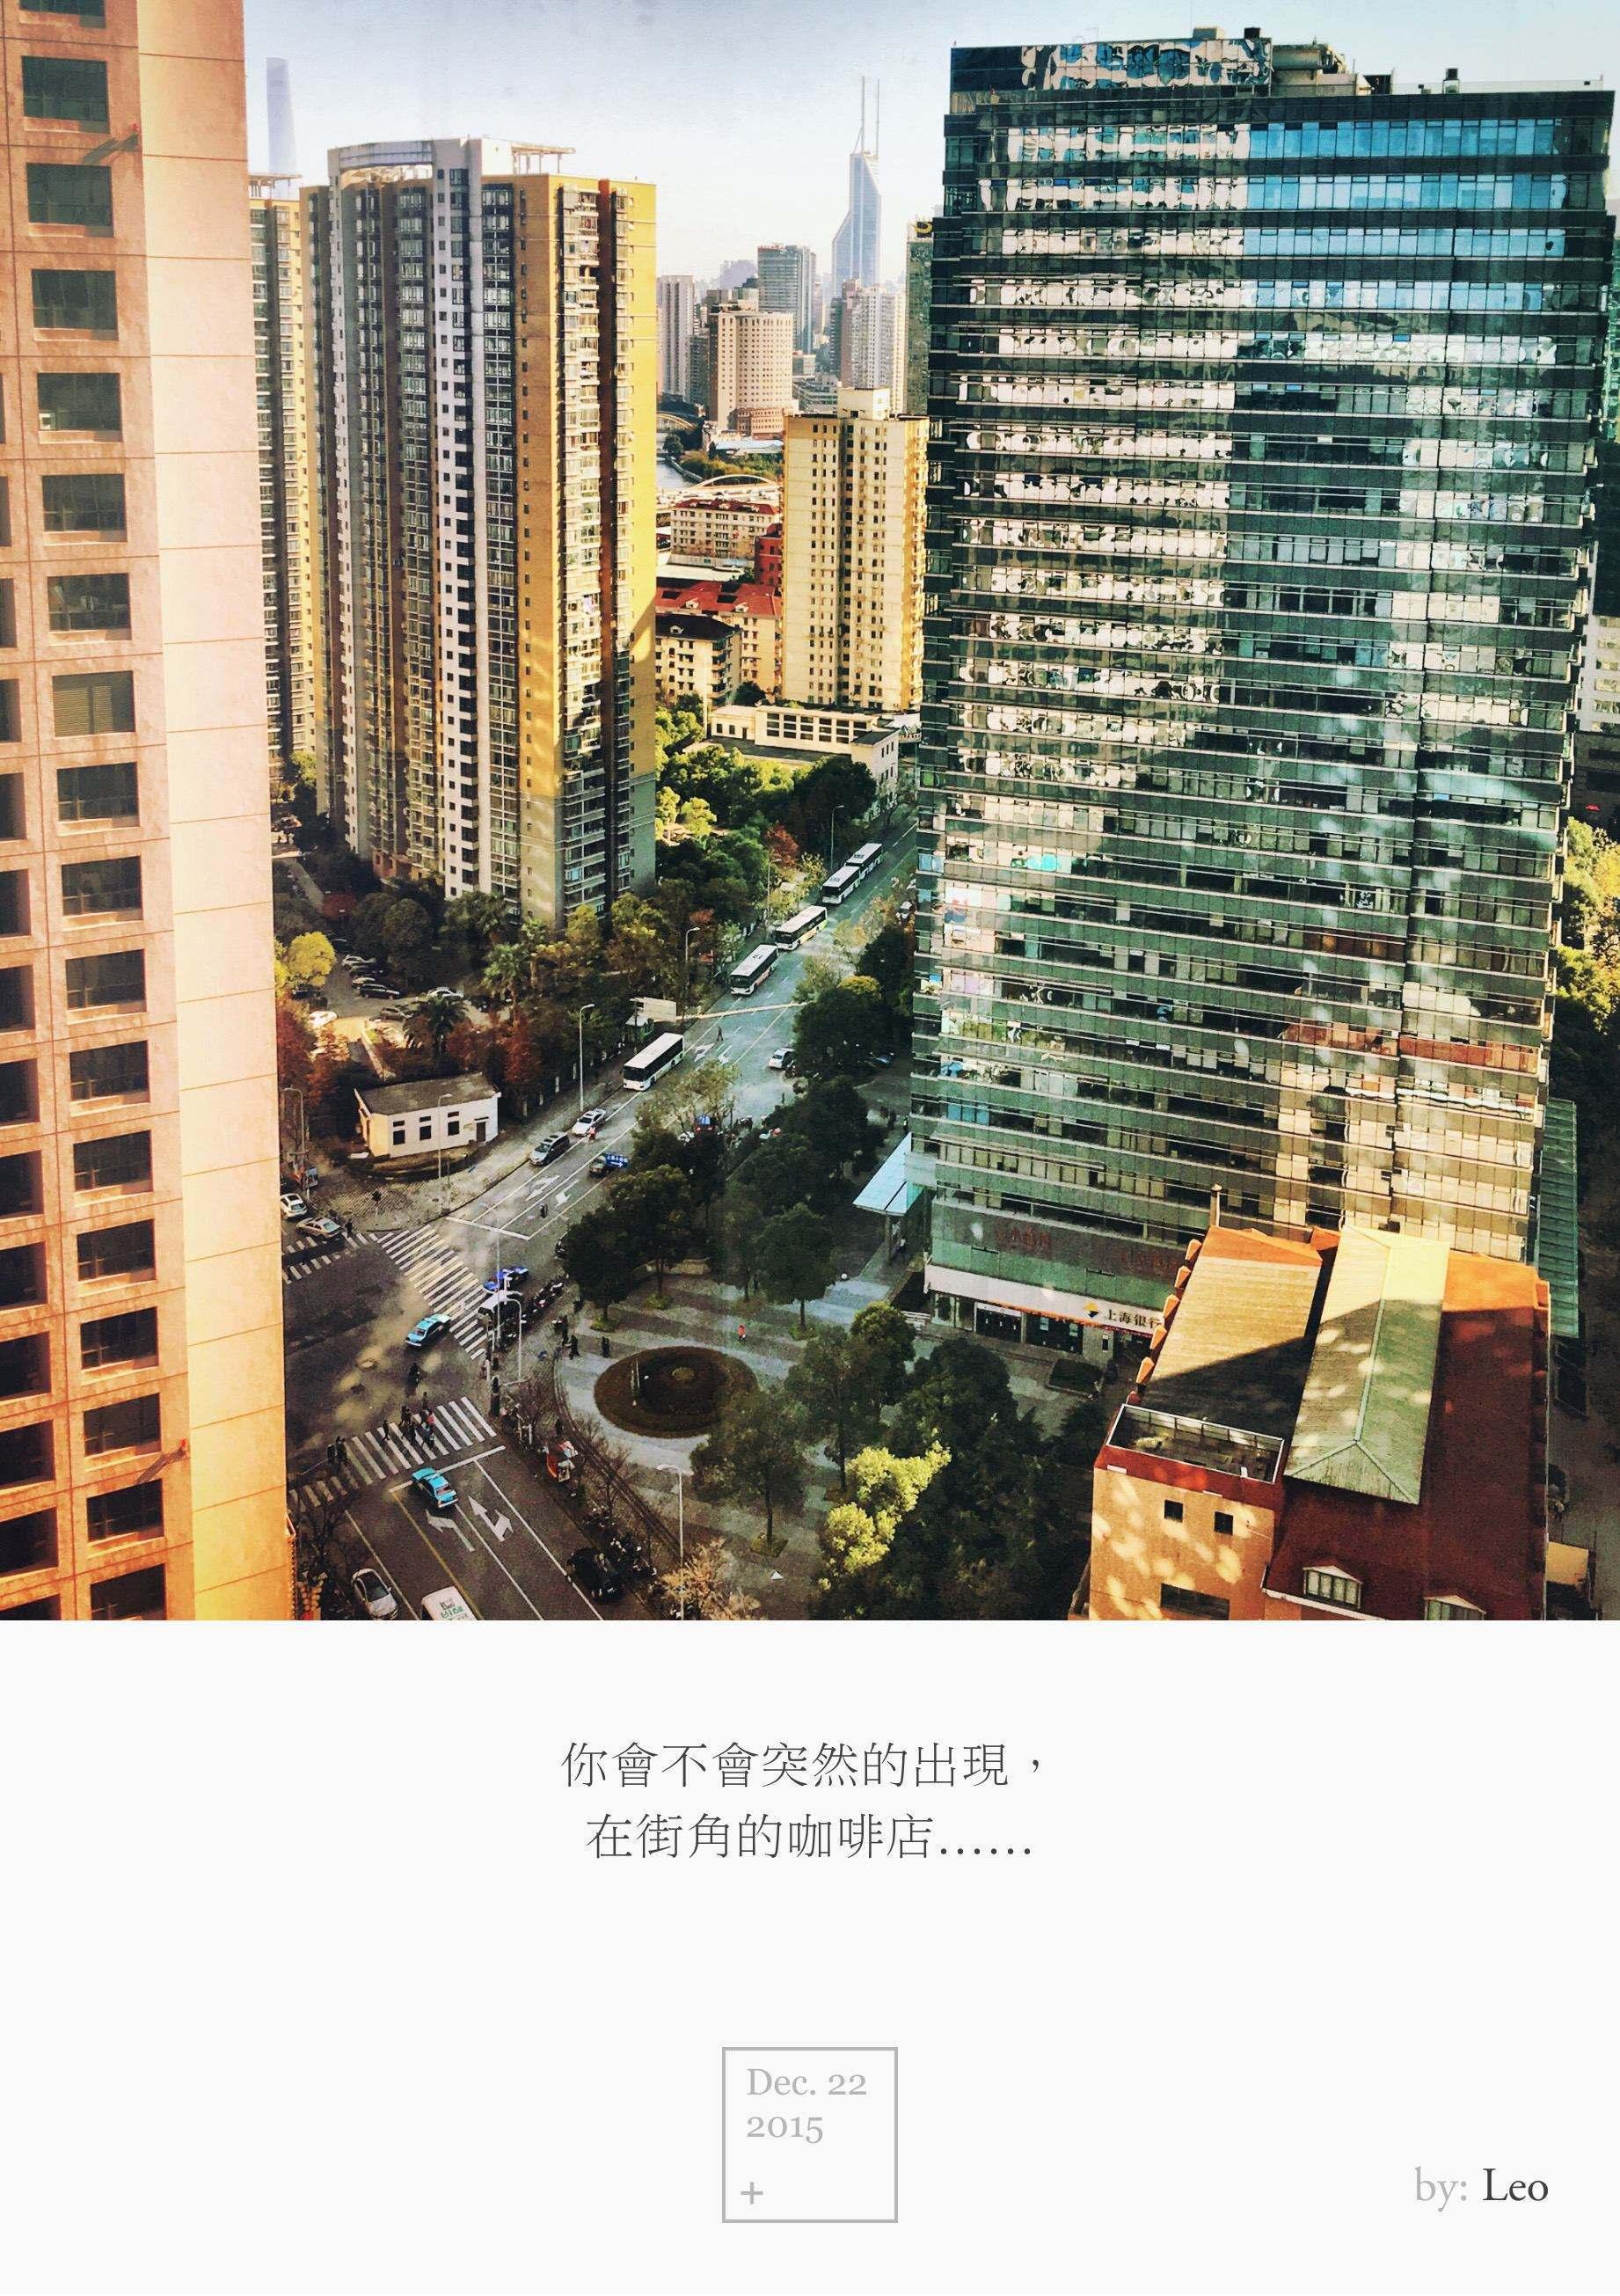 上海 城市